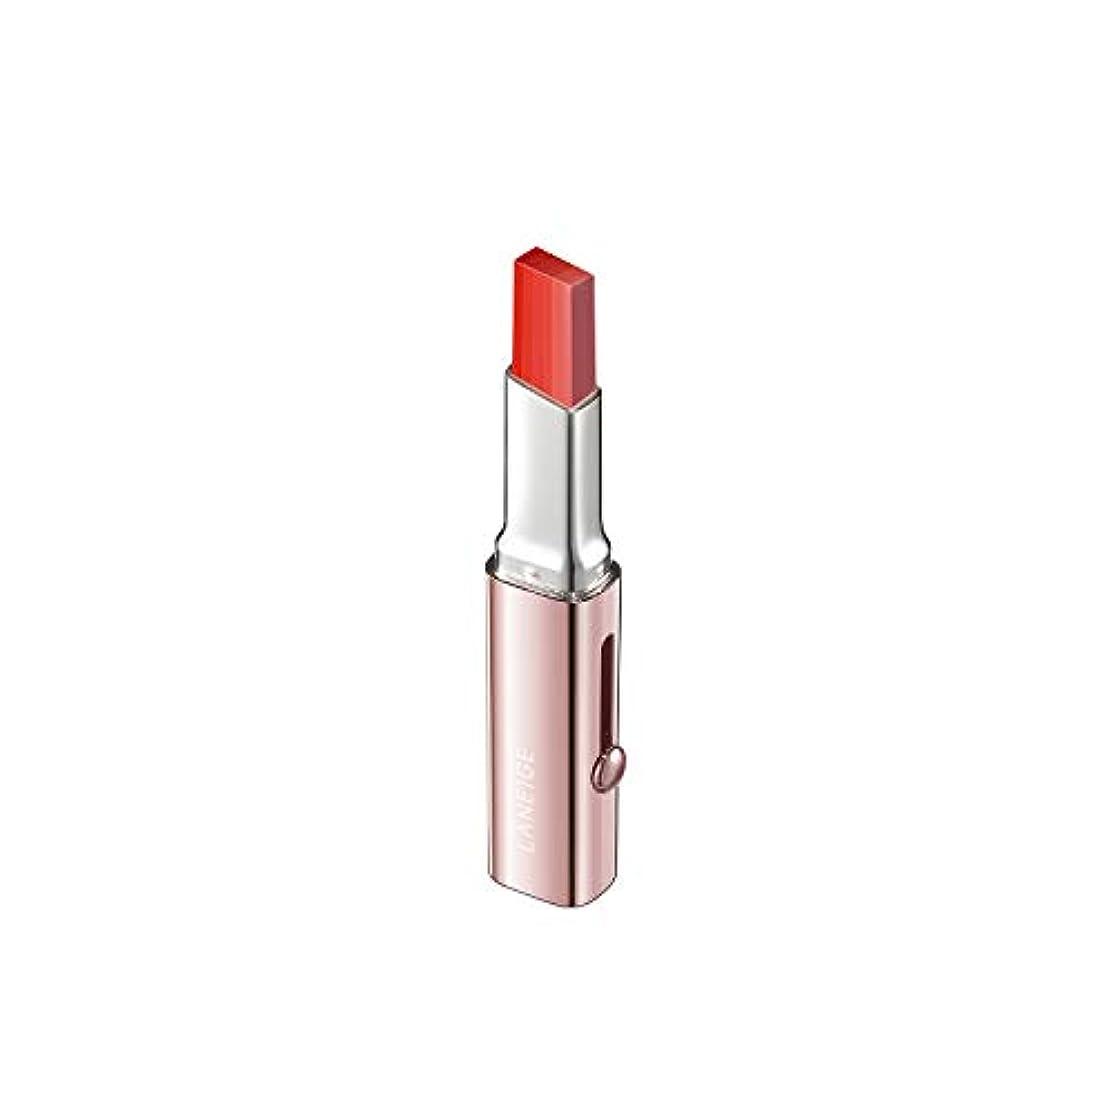 歴史人類工場【ラネージュ】階層リップバー(1.9G)/ Layering Lip Bar-6つのカラーでのグラデーションカラー演出 (#4 ORANGE PLEASURE)